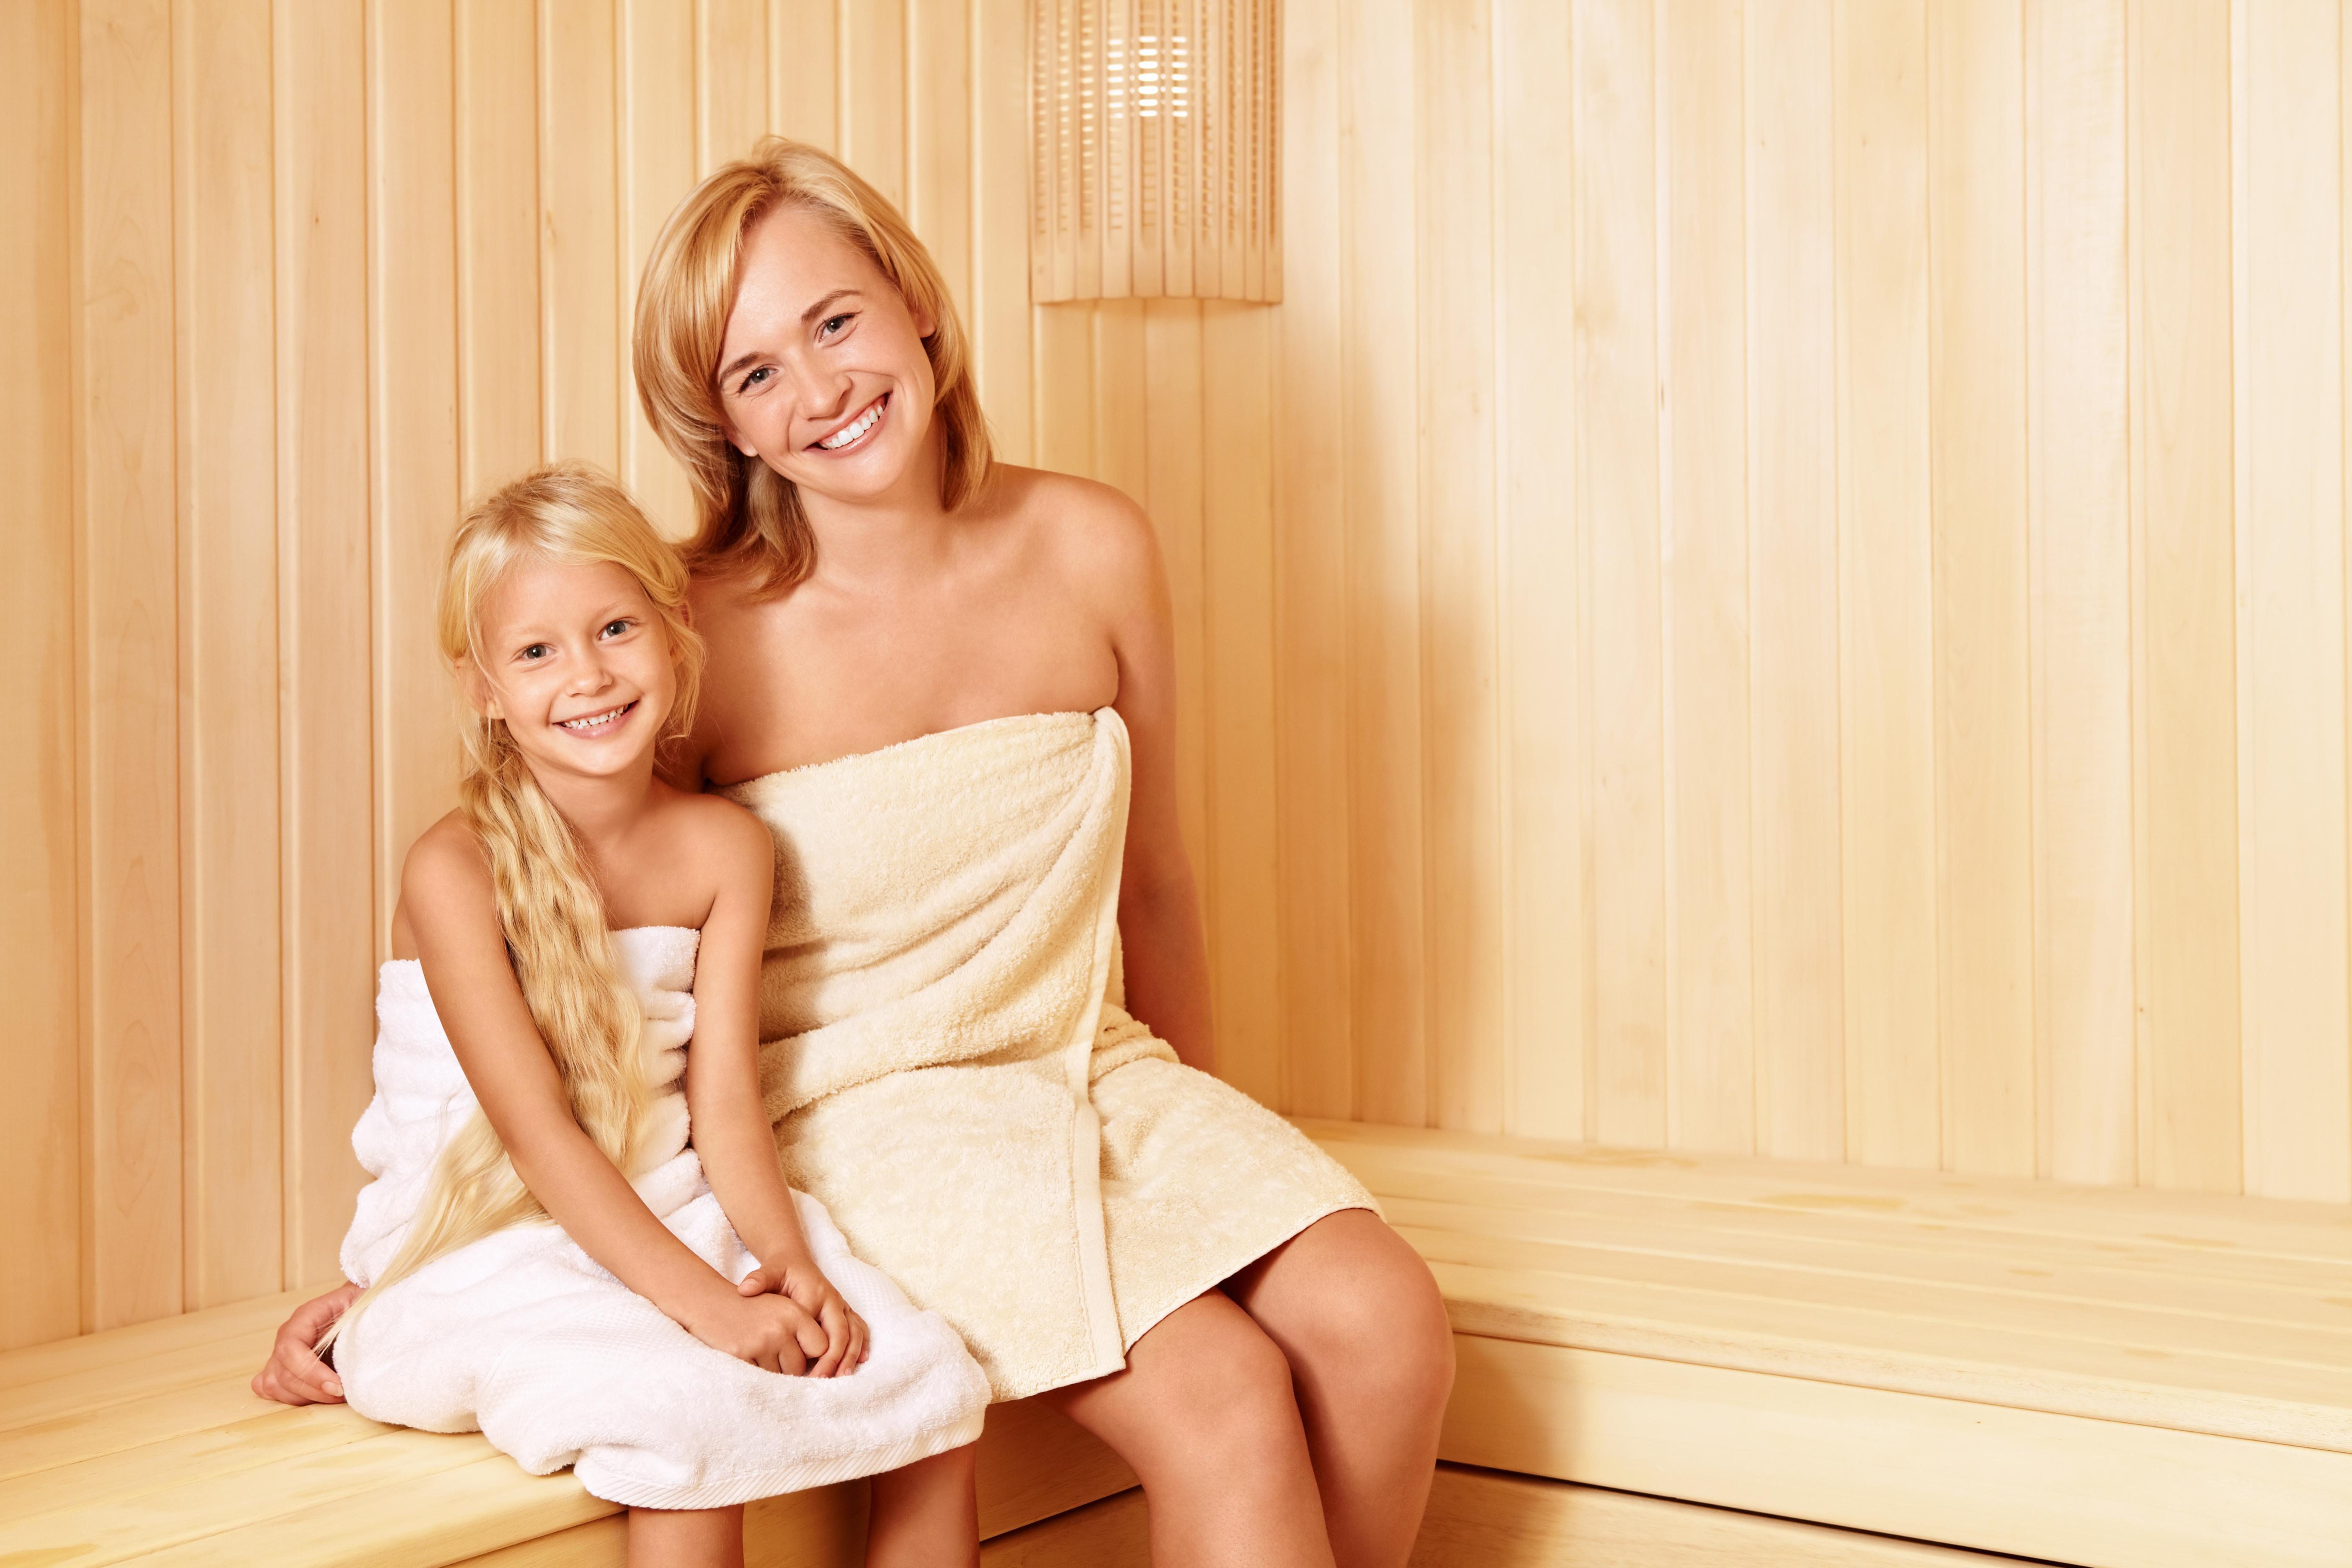 Дети в бане — с какого возраста лучше ходить в парную и можно ли новорожденному посещать сауну